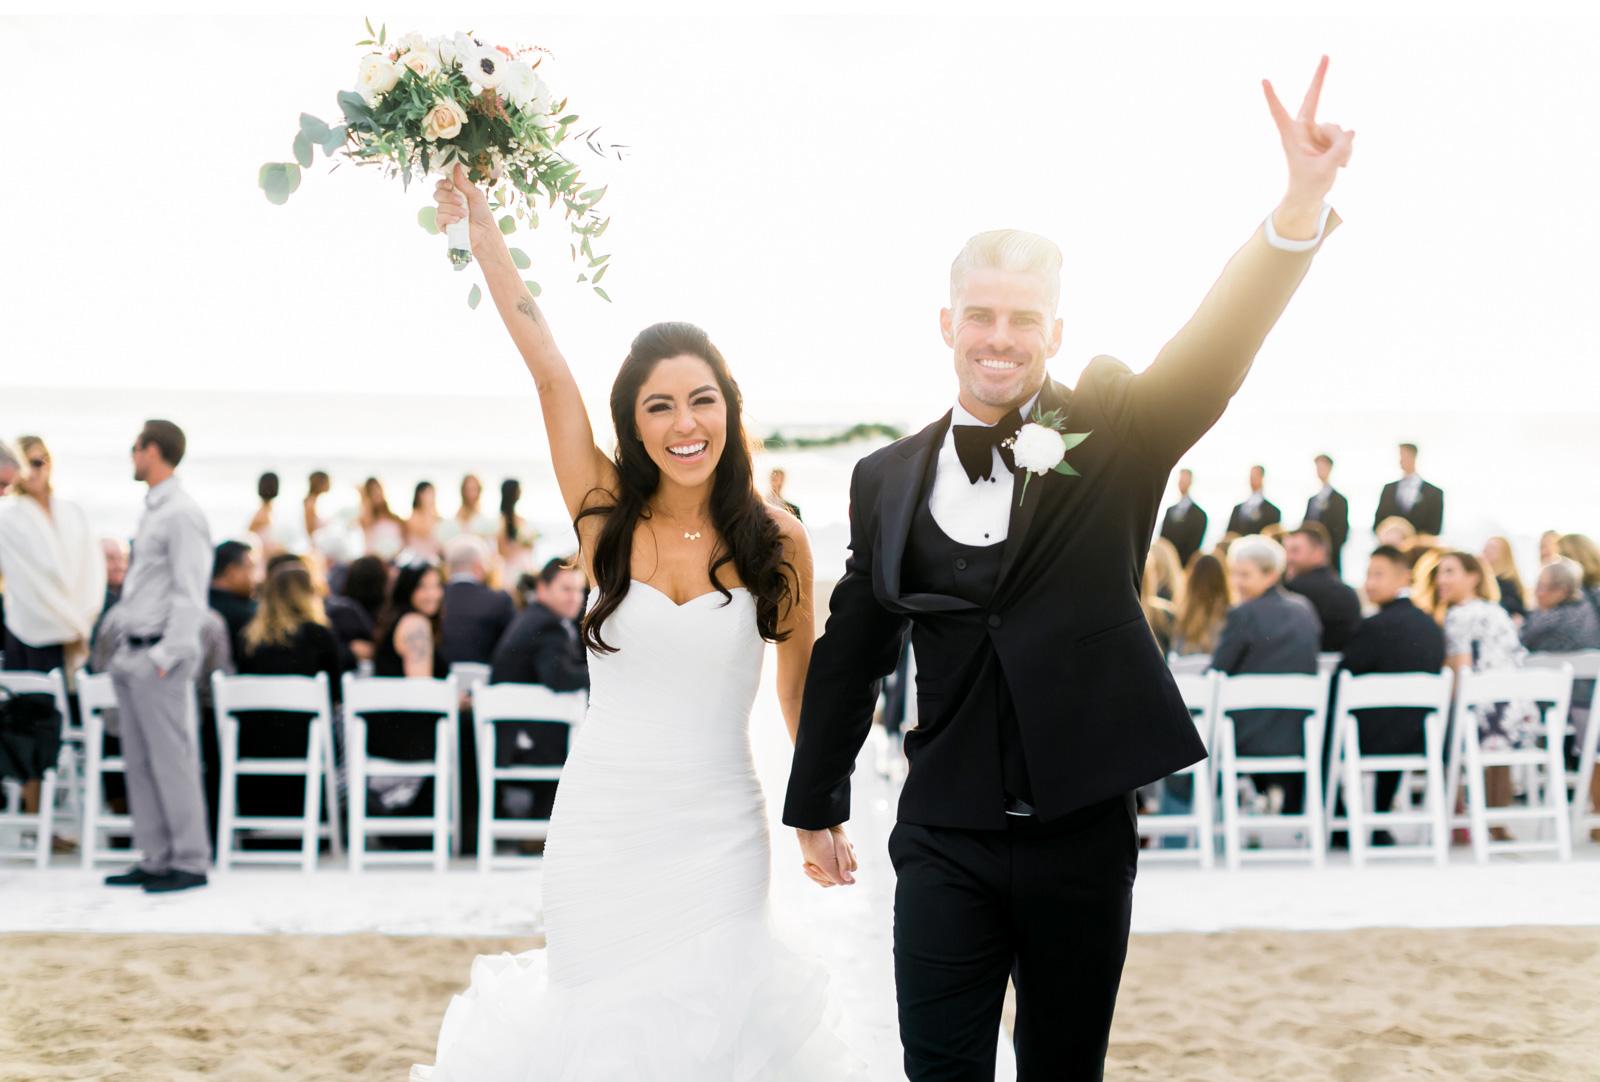 Southern-California-Fine-Art-Wedding-Photographer-Natalie-Schutt-Photography_11.jpg